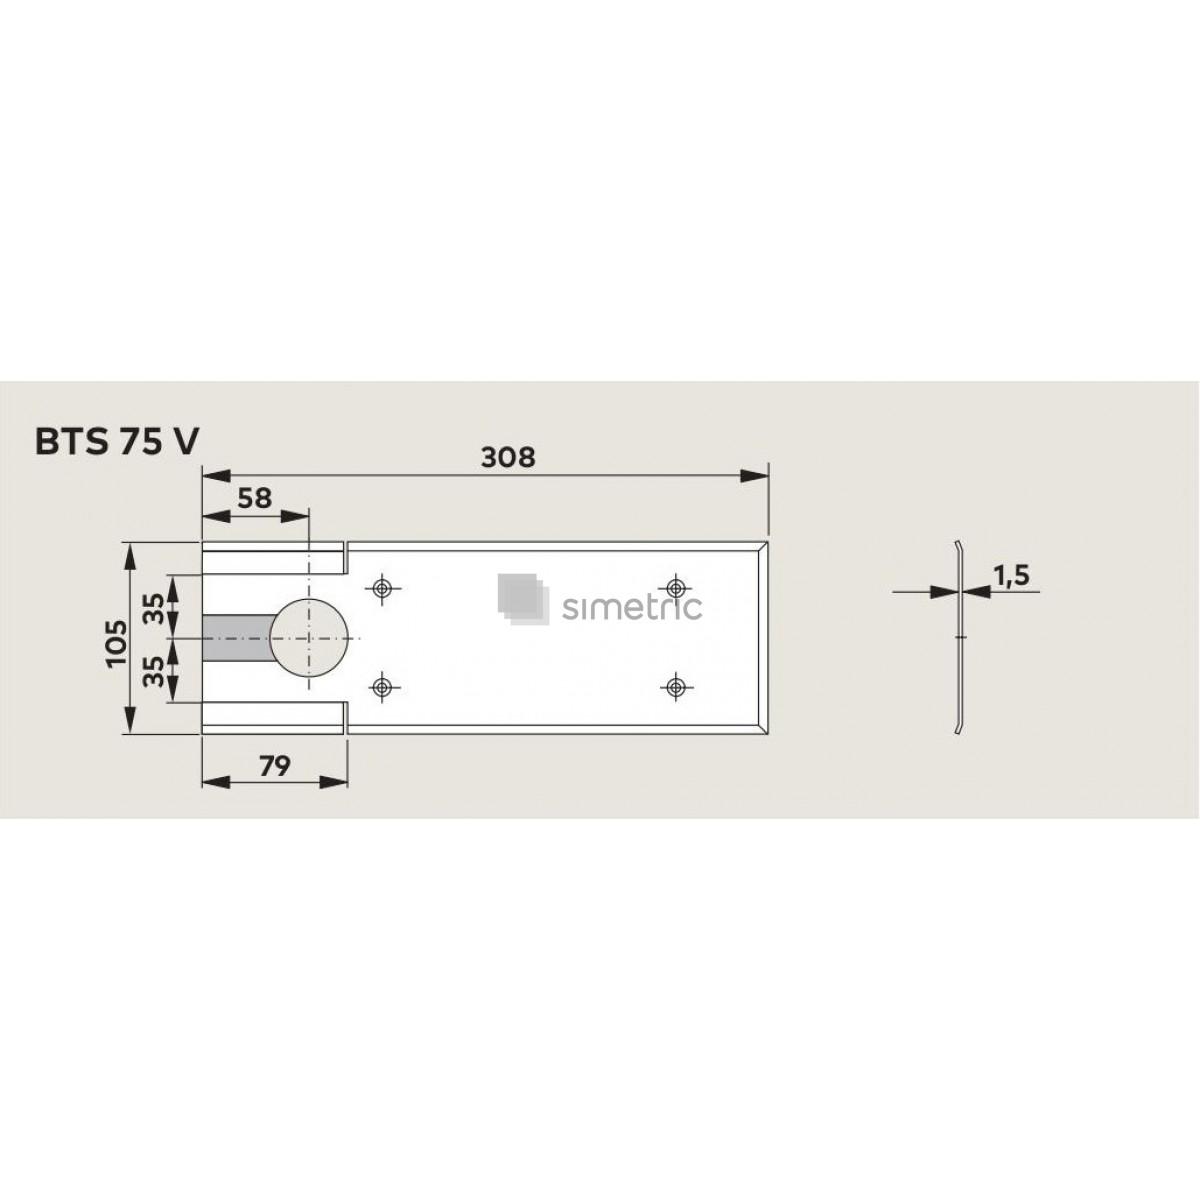 DORMA BTS 75 V - Amortizor de pardoseala cu blocaj la 90 Grade + Insert standard inclus - EN 1-4 - 61701200